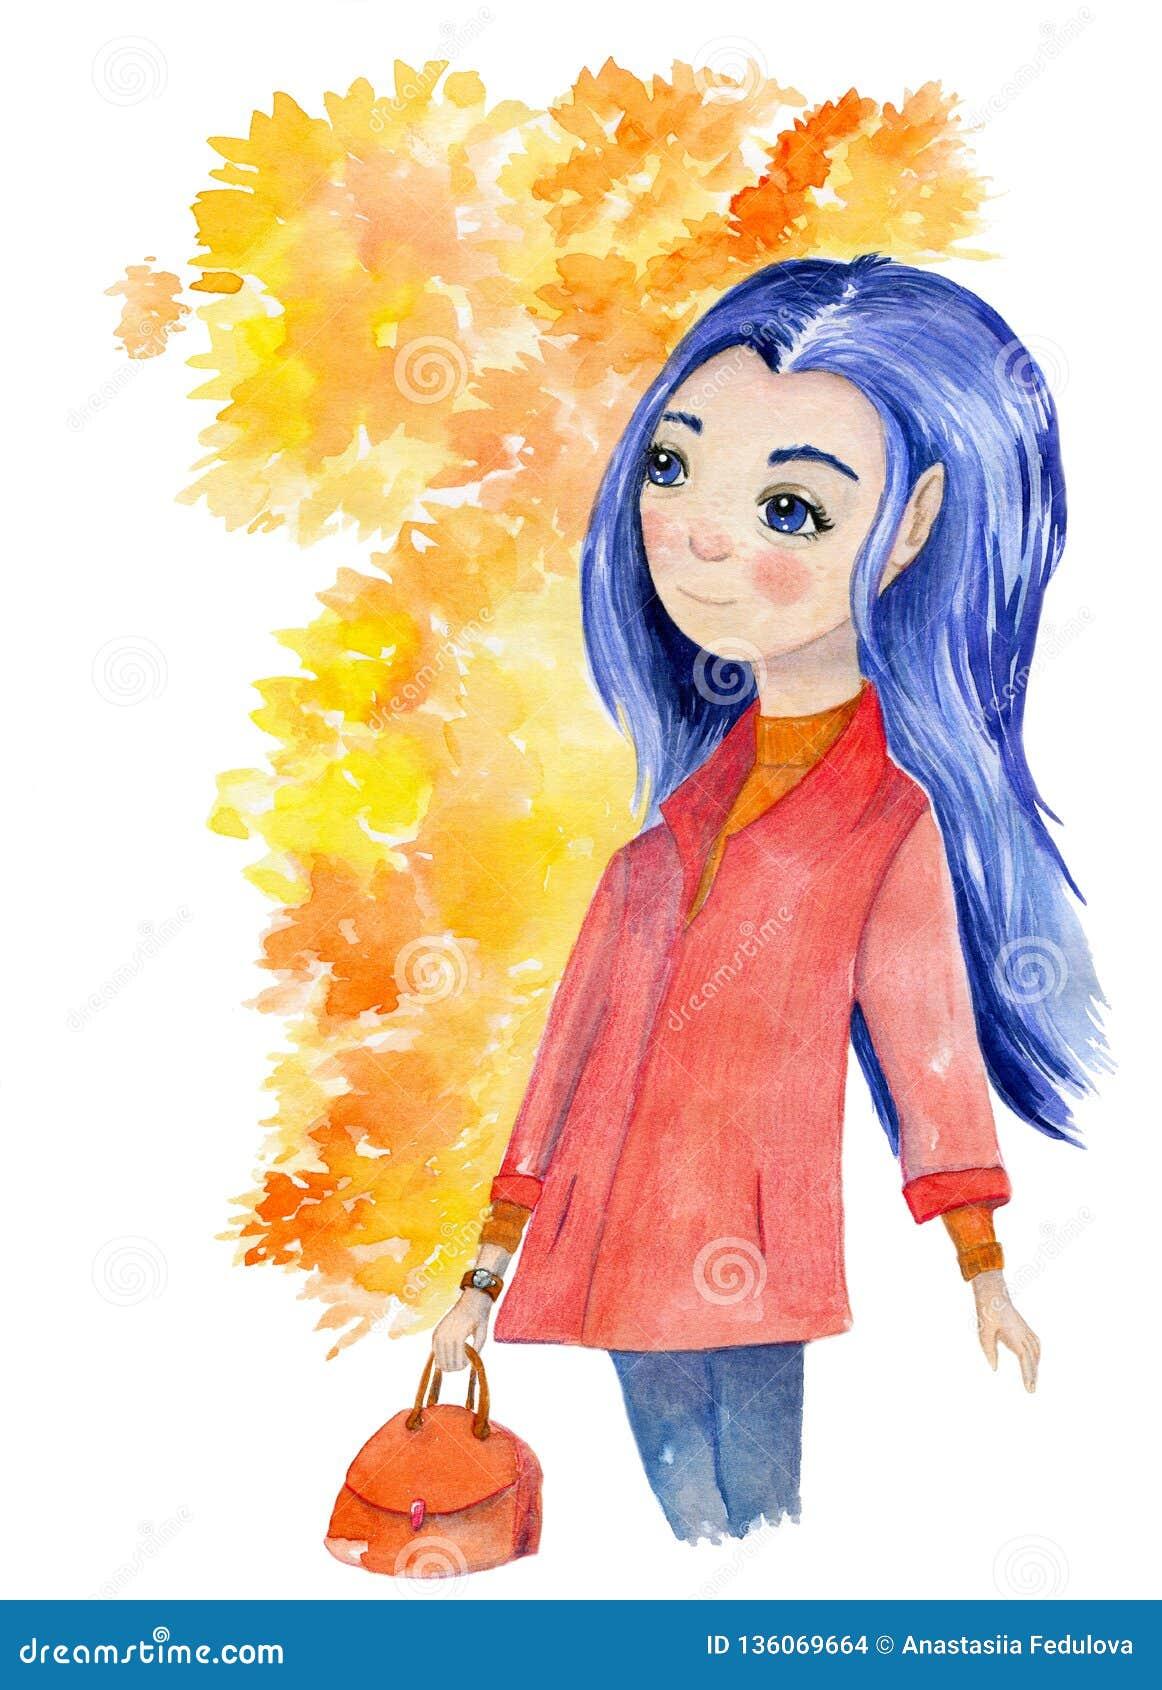 Akwareli ręka rysująca sztuka z piękną jesieni dziewczyną z błękitnym włosy i żółtymi liśćmi otaczał jej głowę